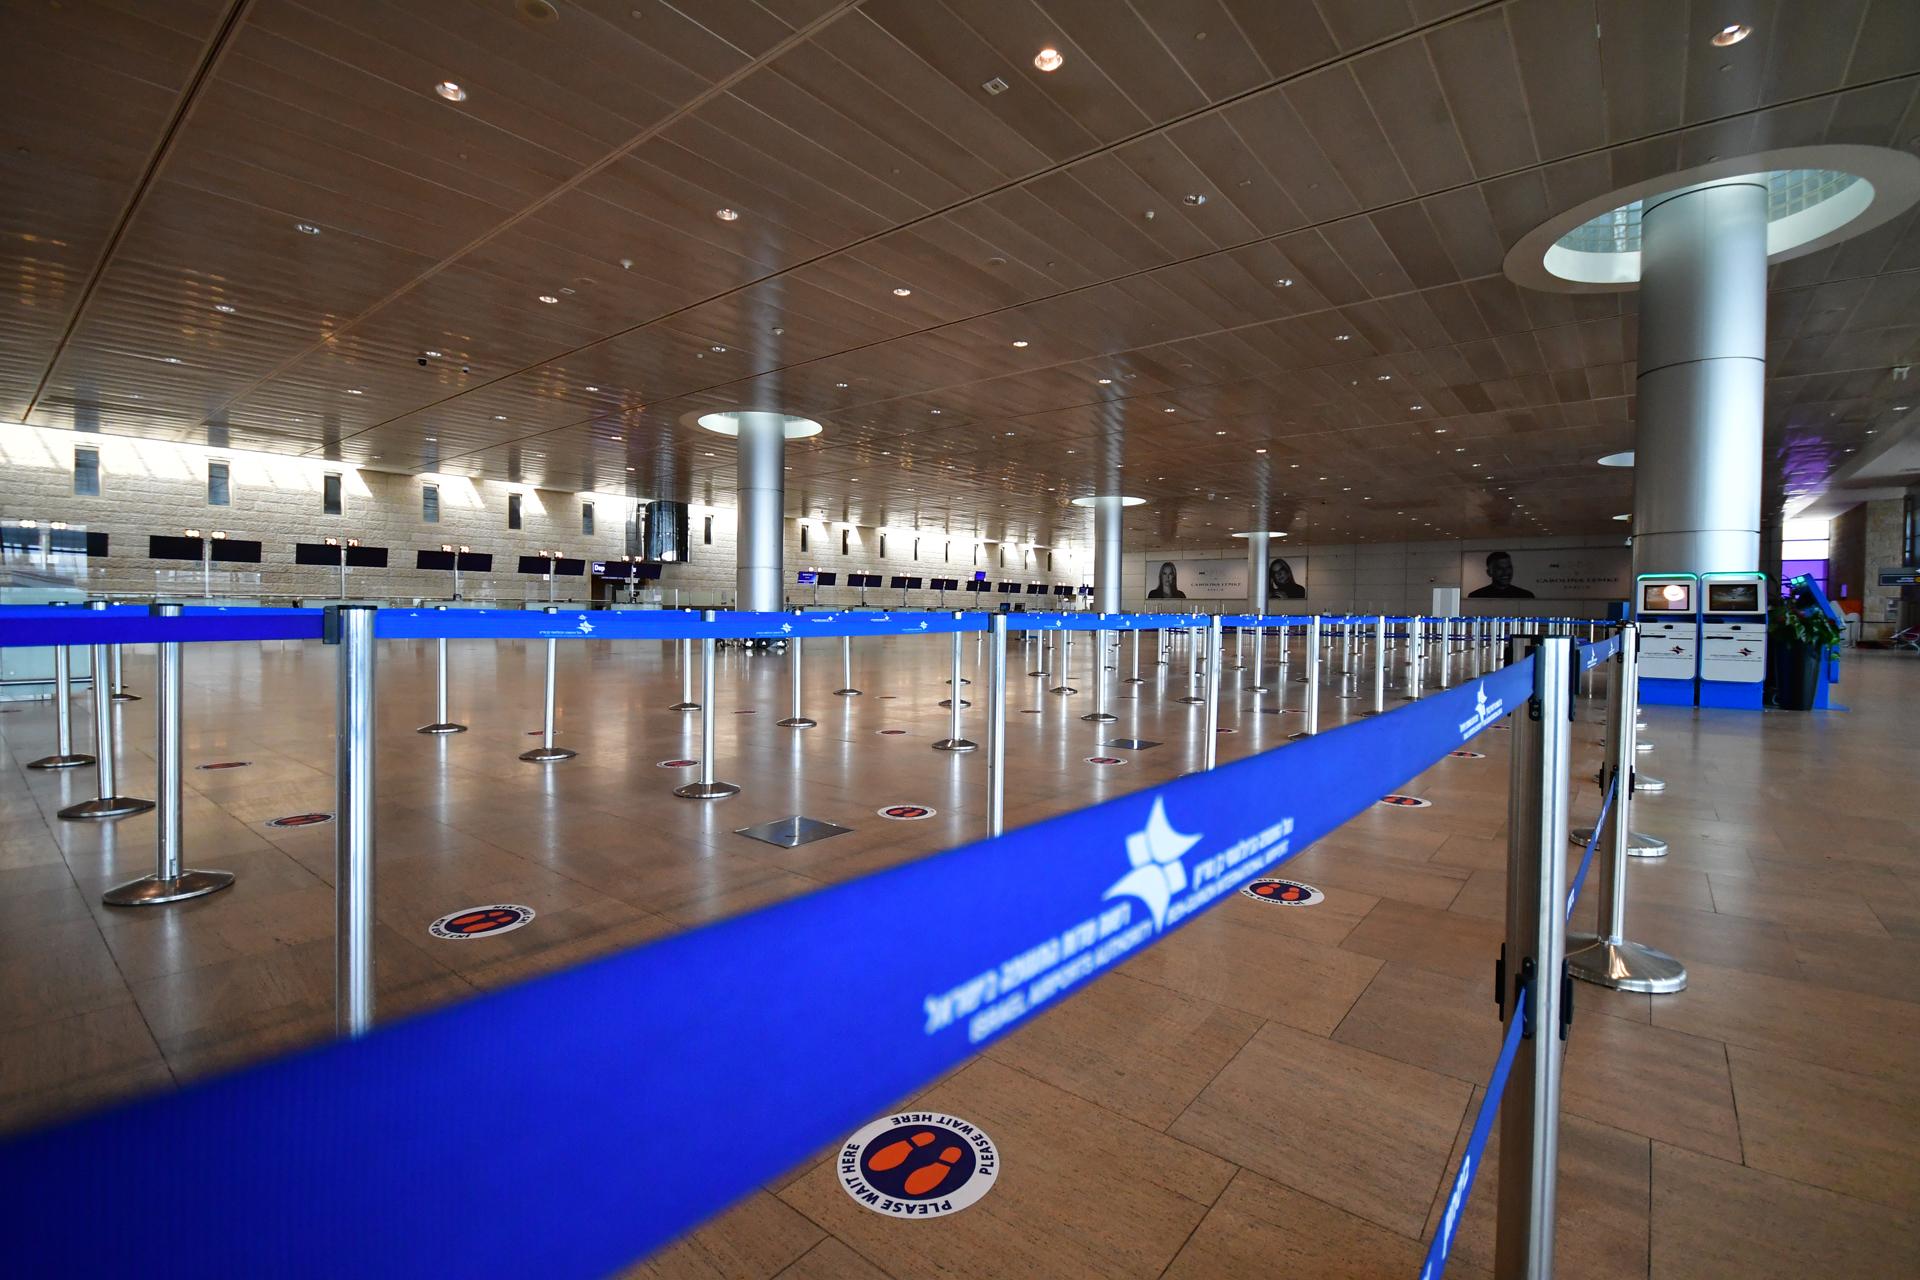 שדה התעופה בן גוריון - סגר שני - קורונה- הפס הכחול - יואל שתרוג - אדמה יוצרת - yoel sitruk